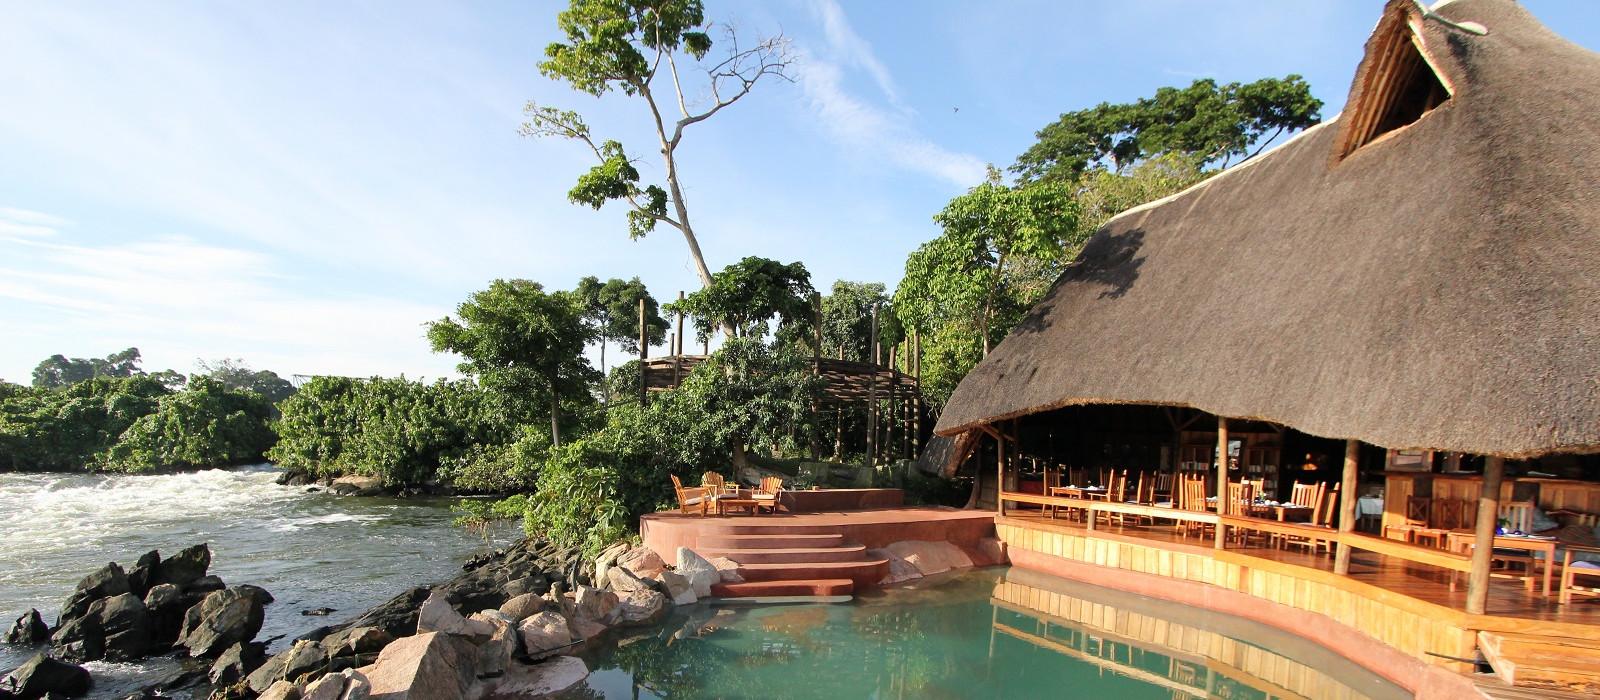 Hotel Wildwaters Lodge Uganda